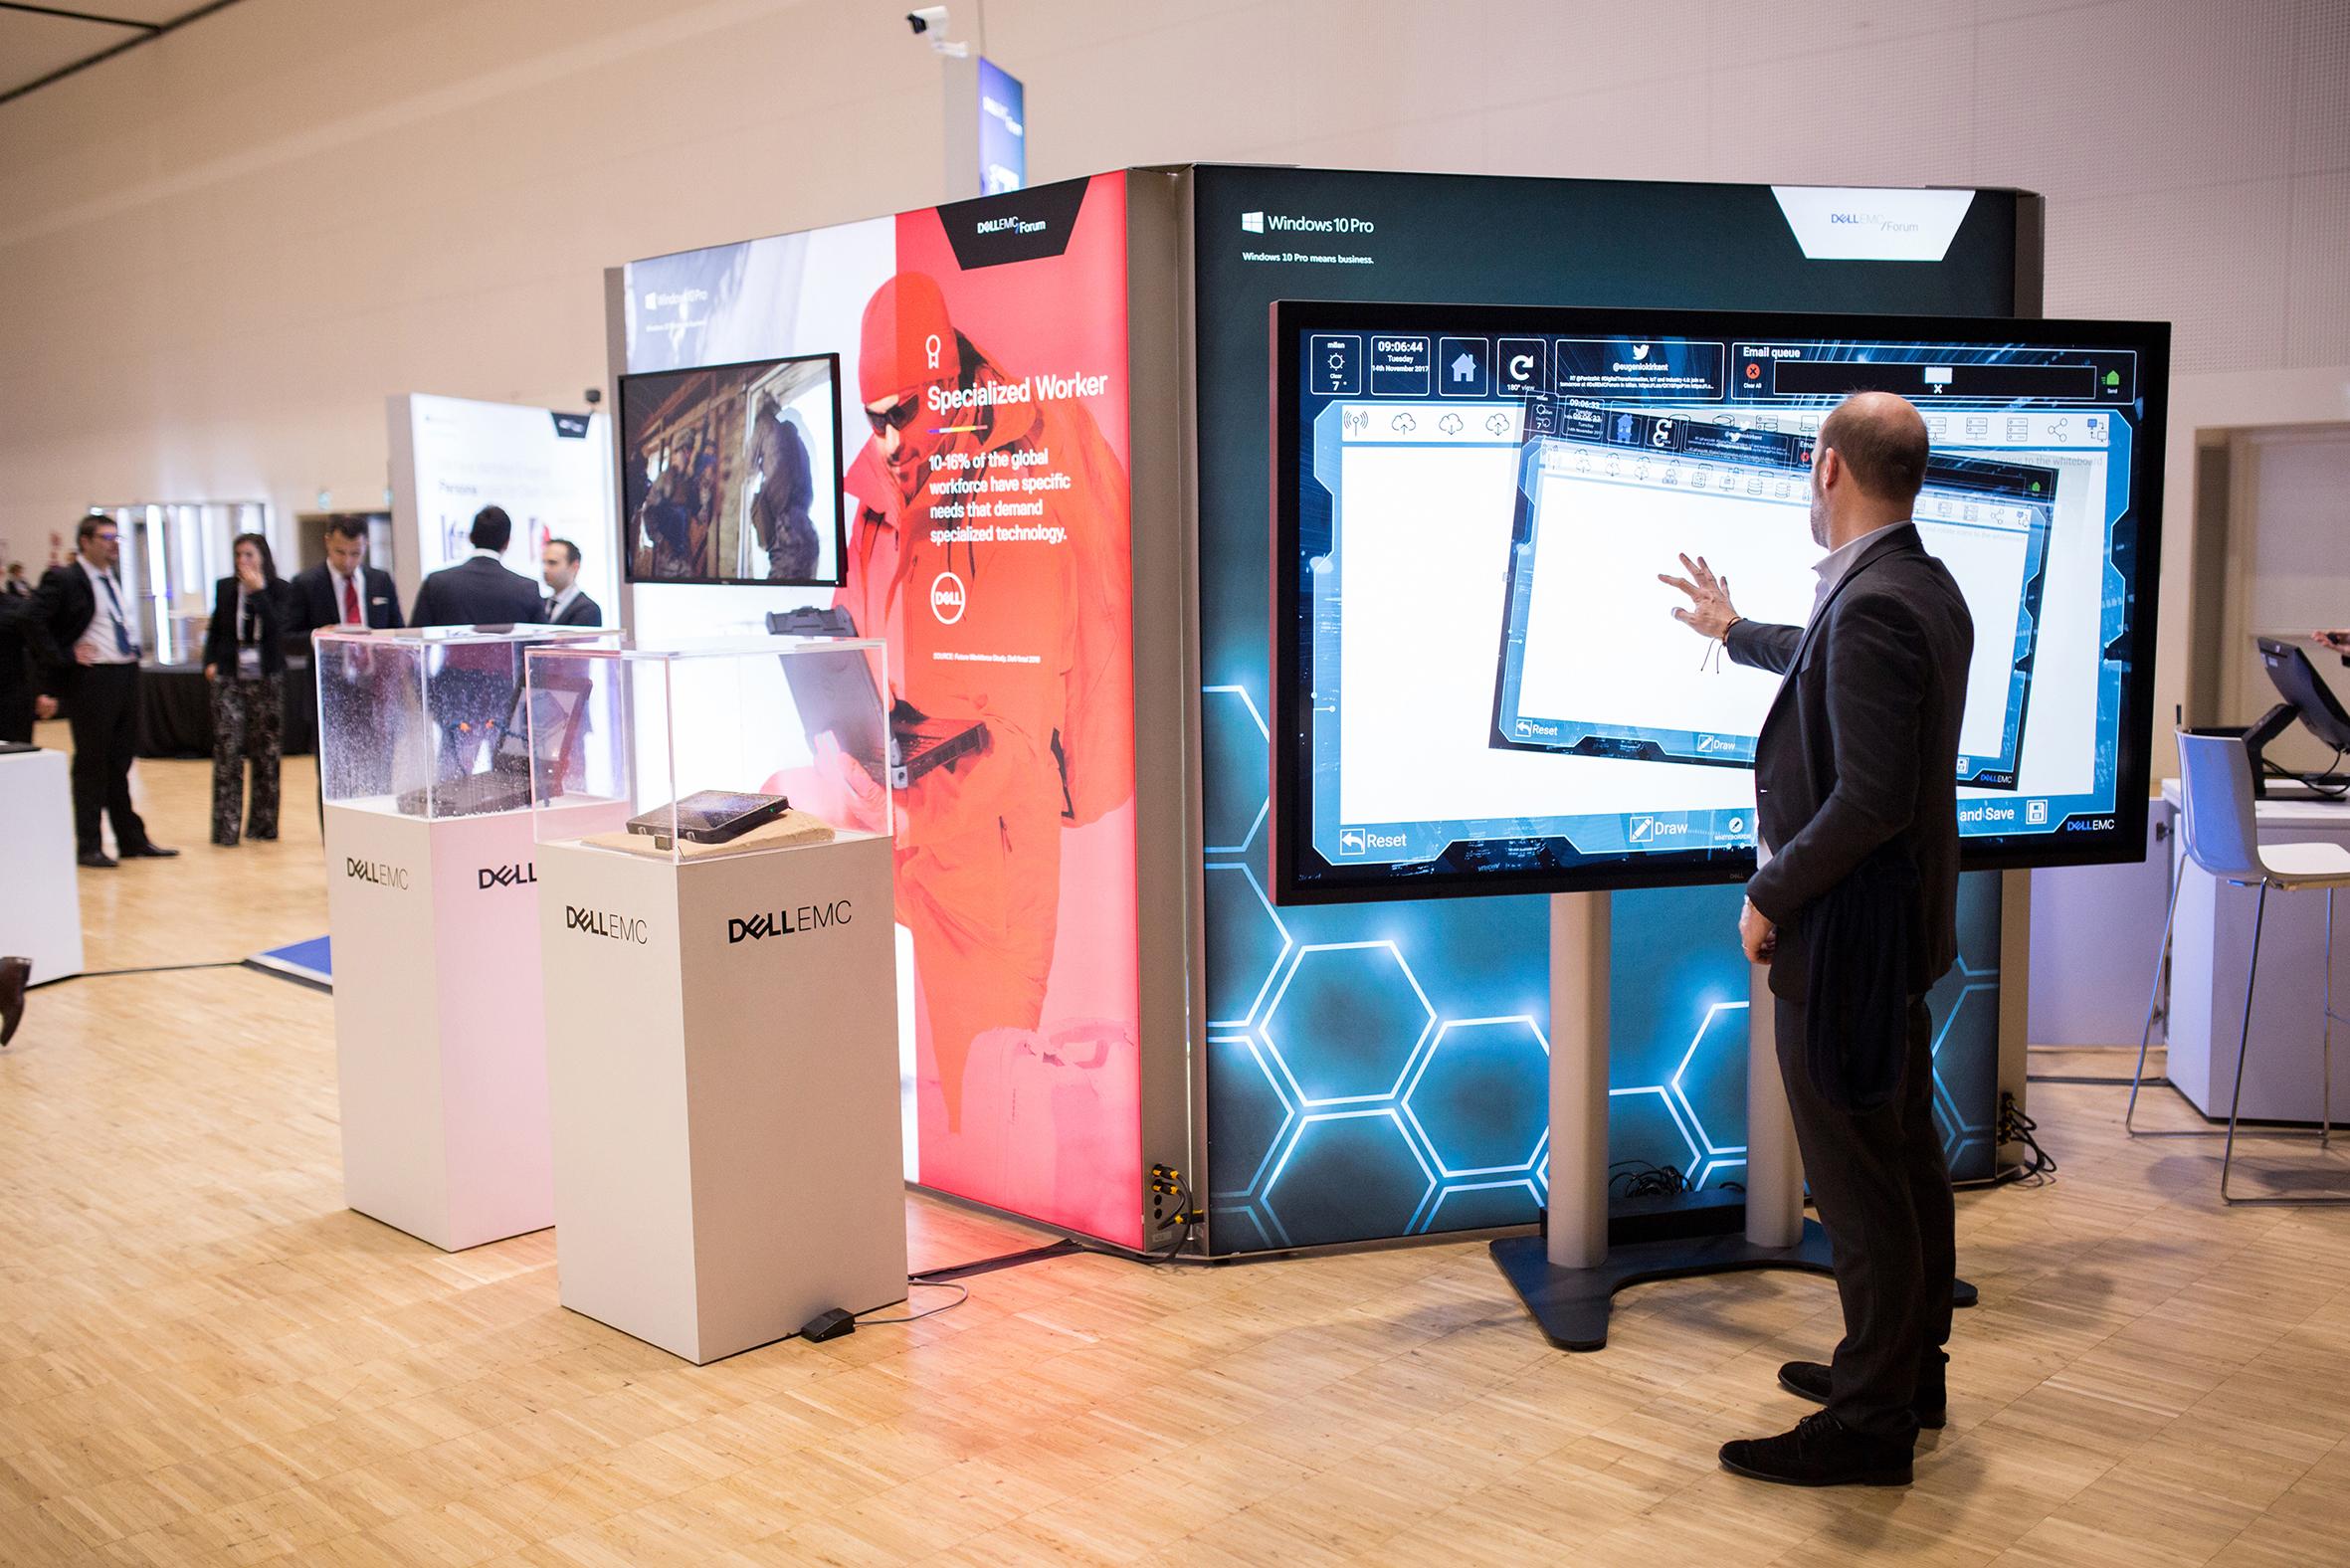 Esposizione Dell EMC Forum 2017